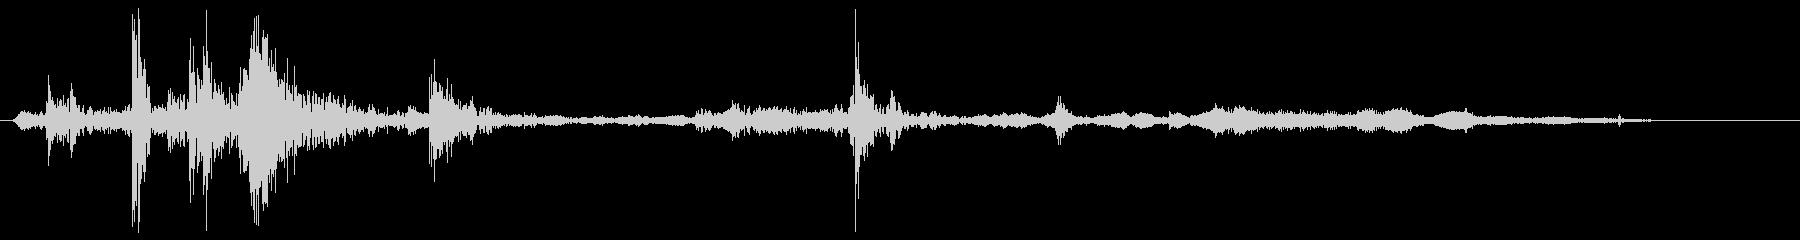 ガラッバタンという低い音の未再生の波形